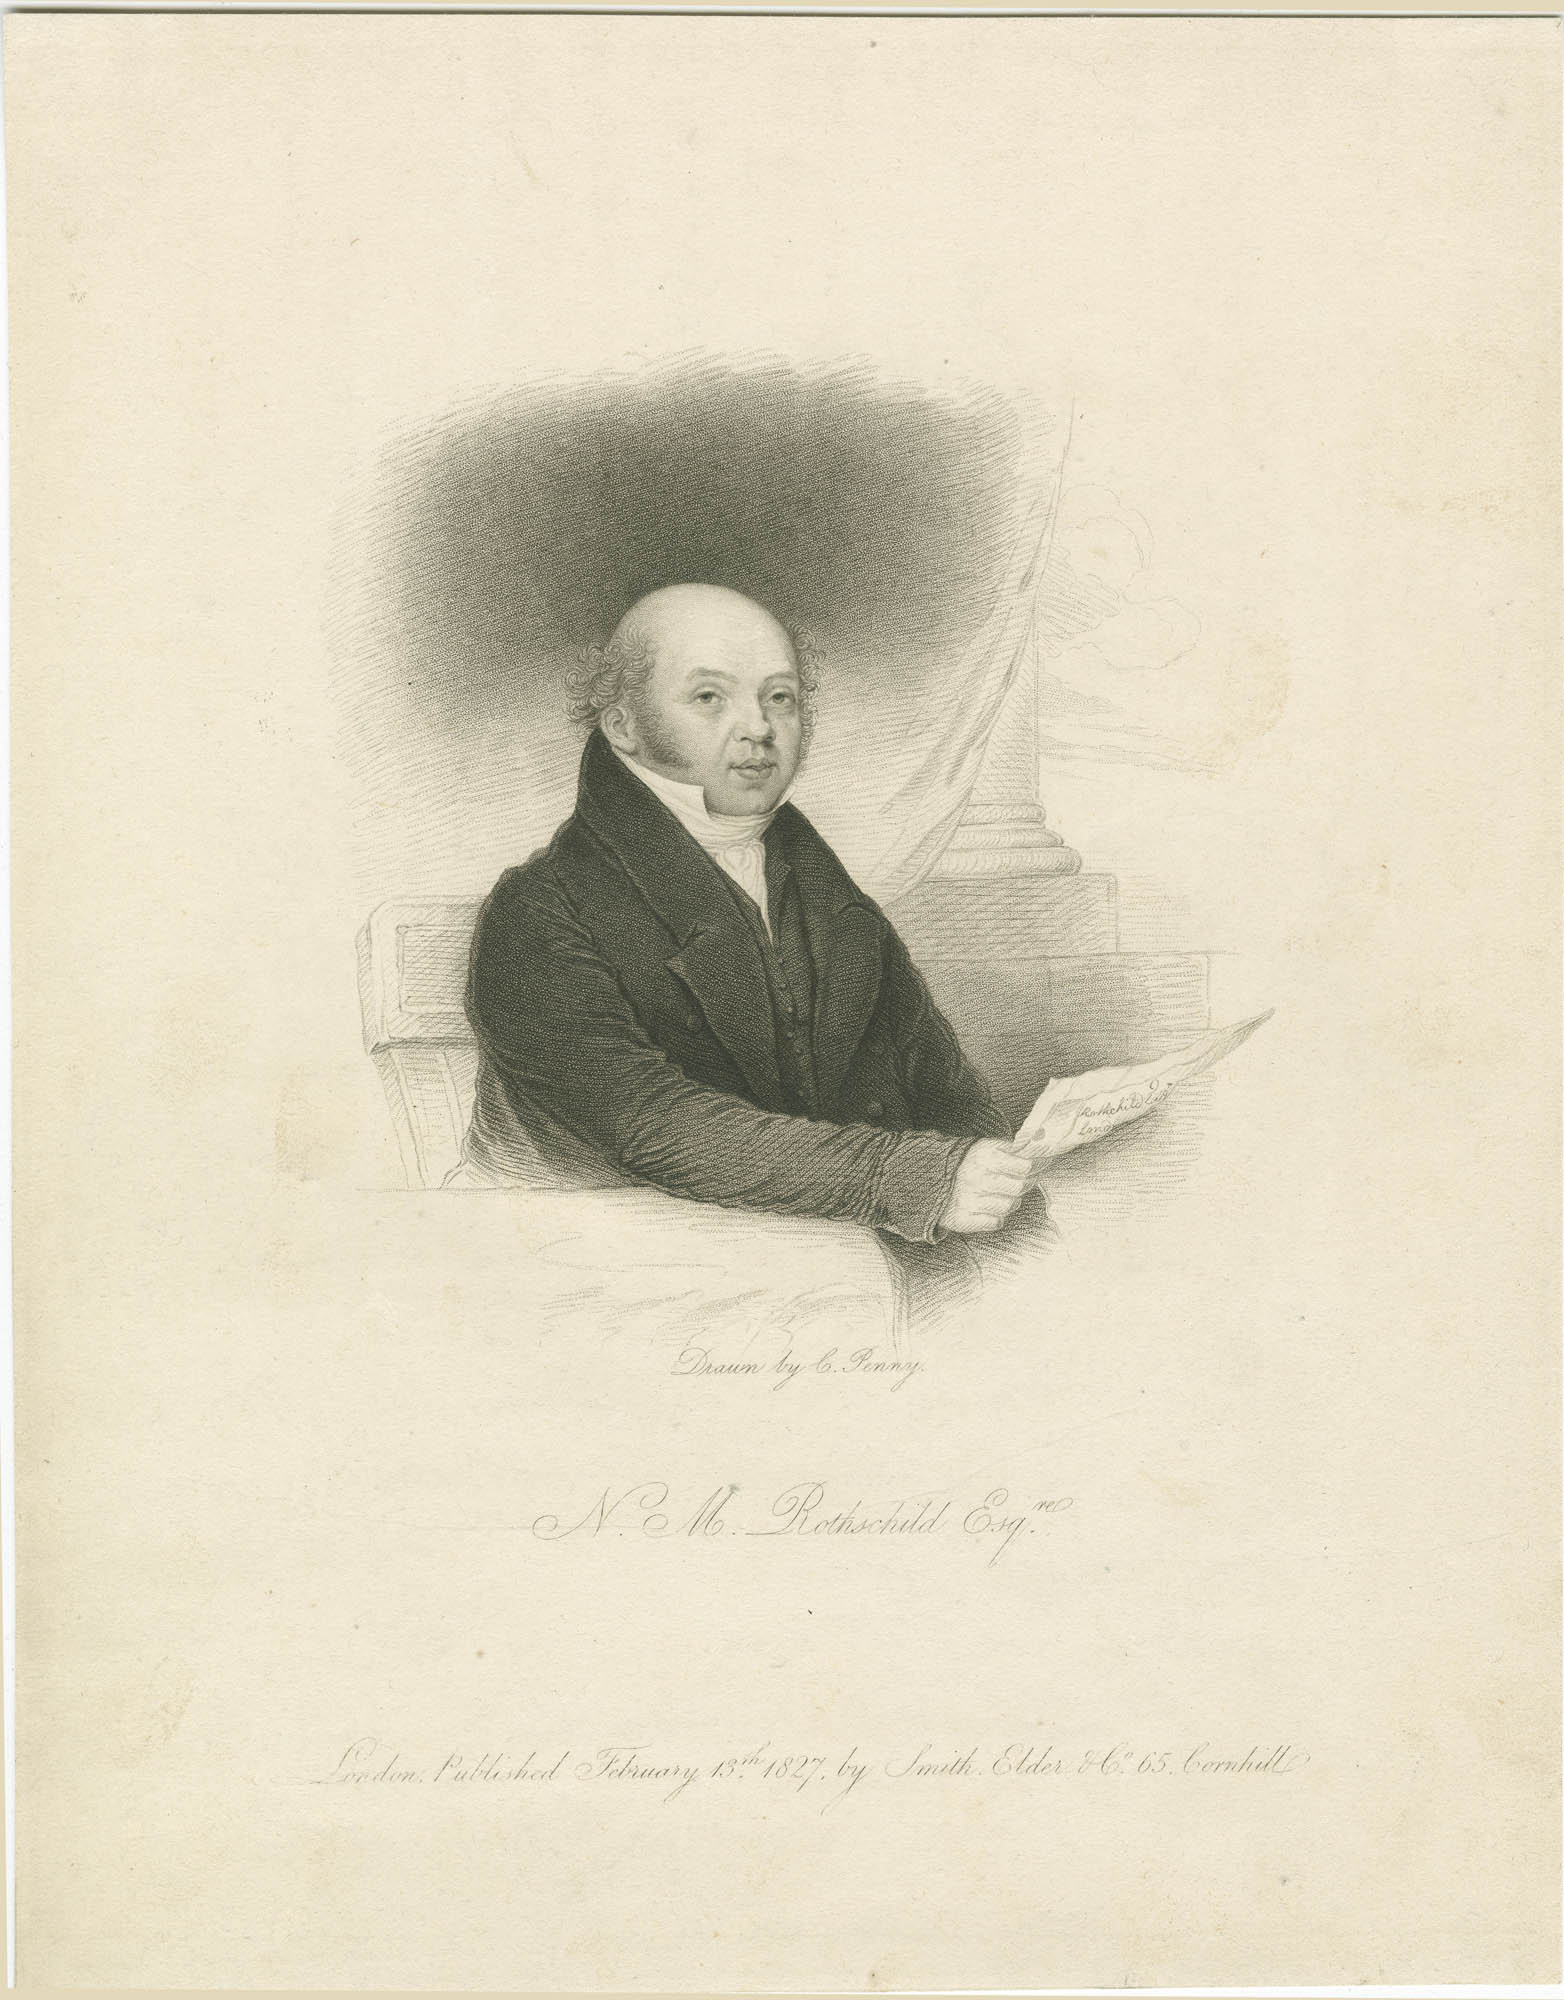 N. M. Rothschild Esq.